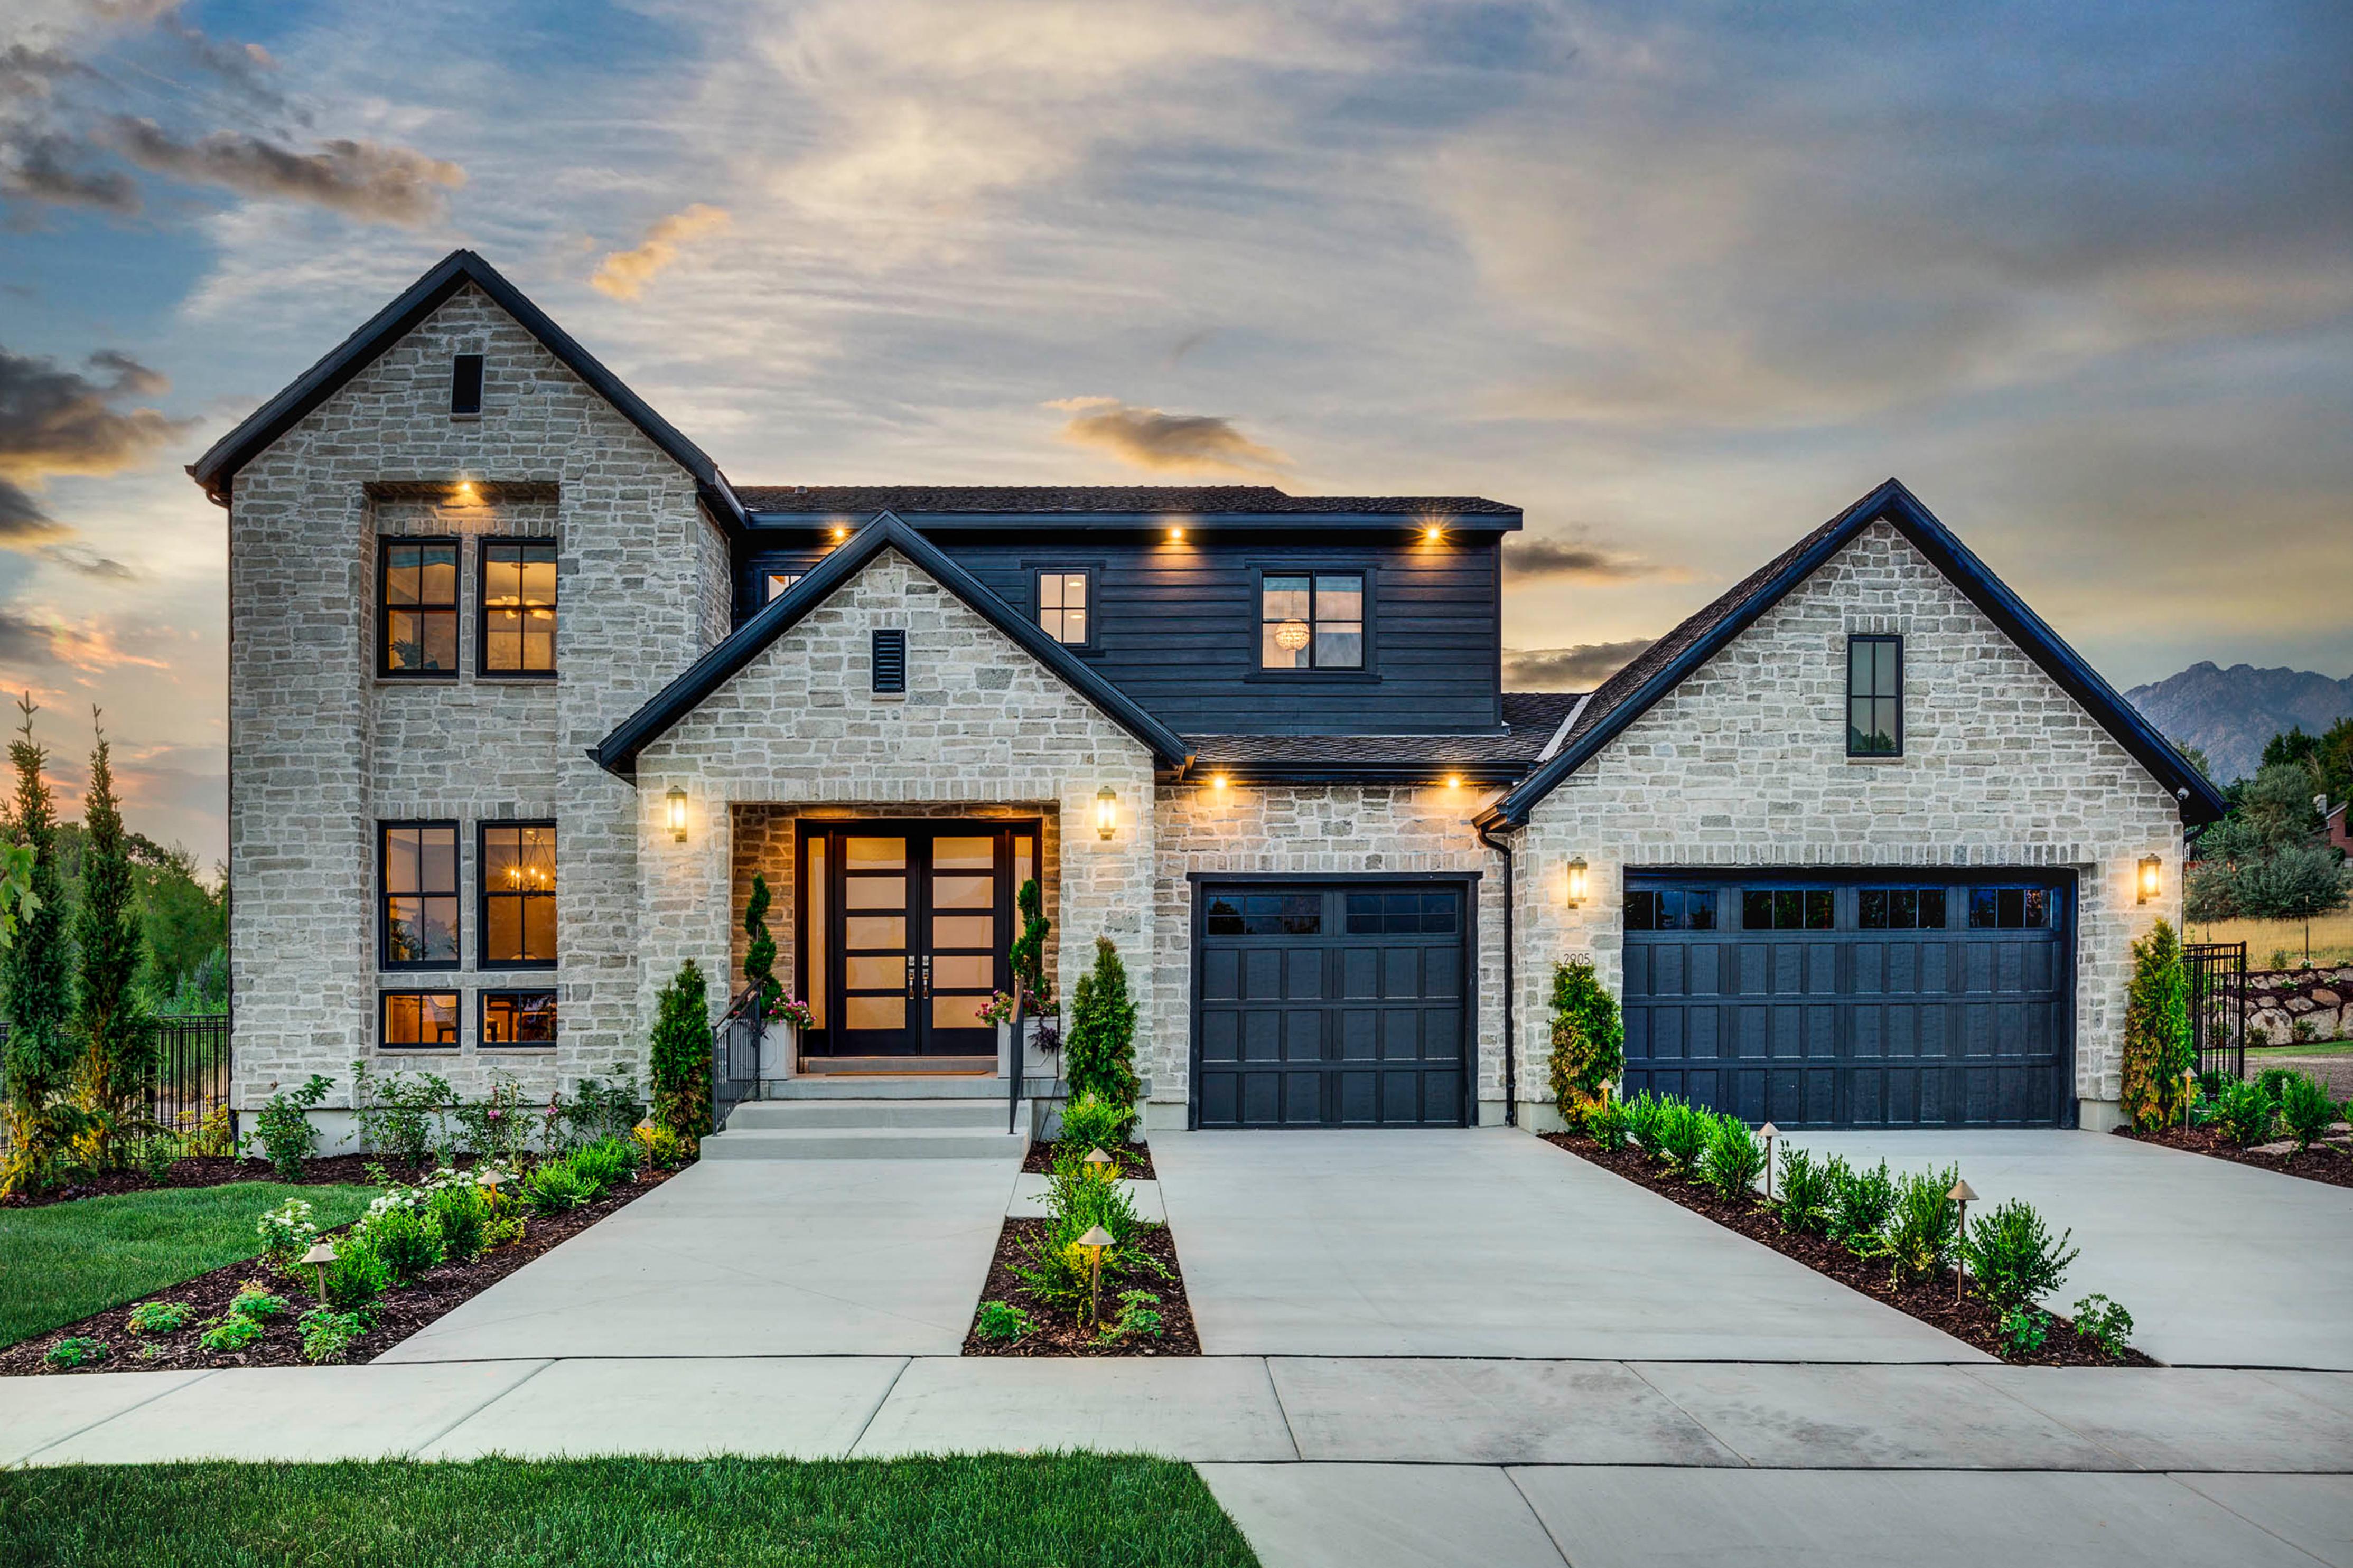 33 Model Homes